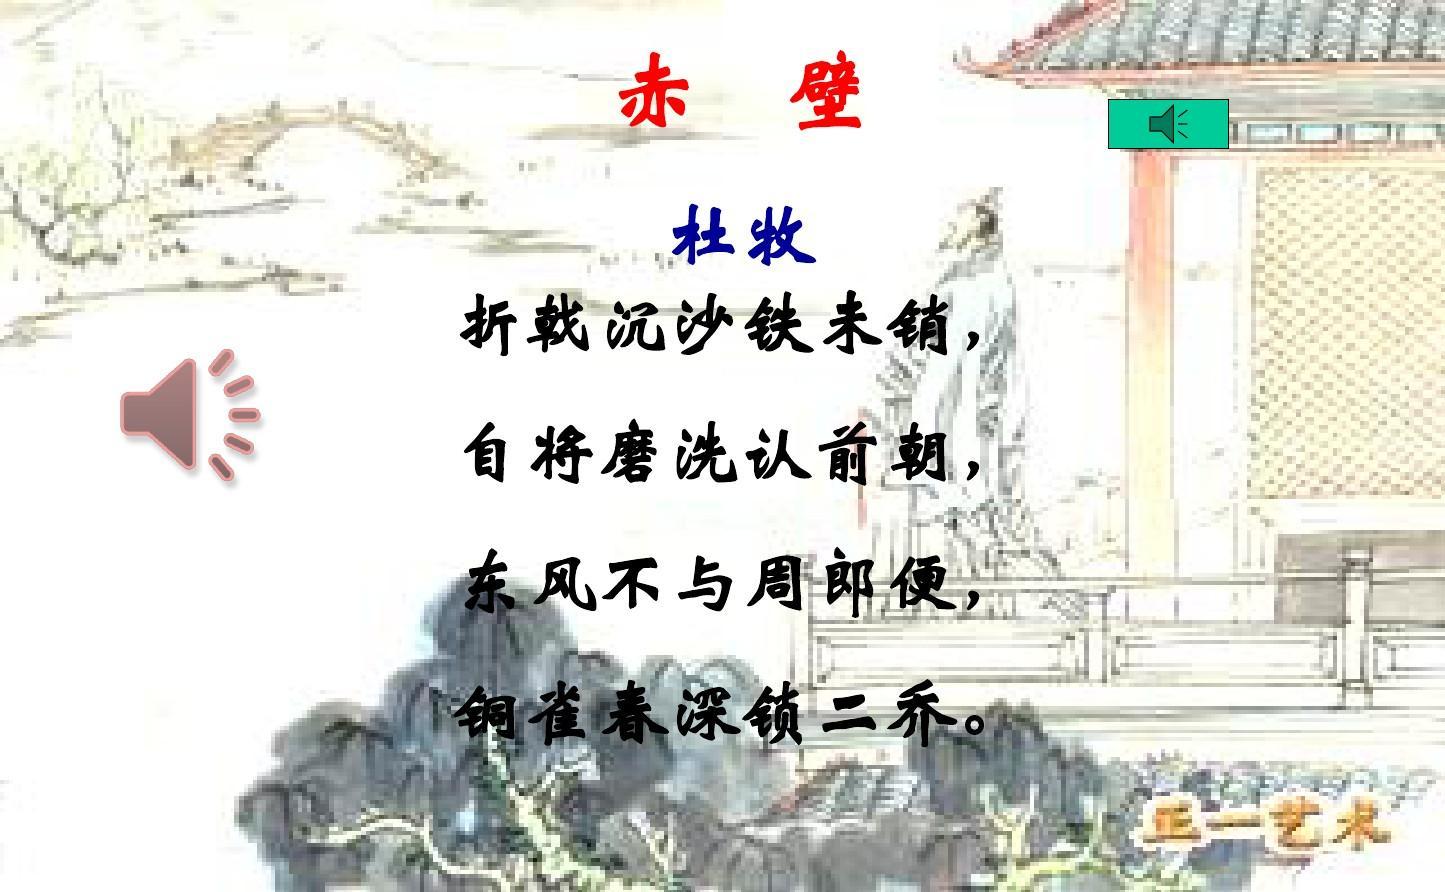 【语文图片】2018-2019女生最新部编人教版初年度17初中初中生15—图片